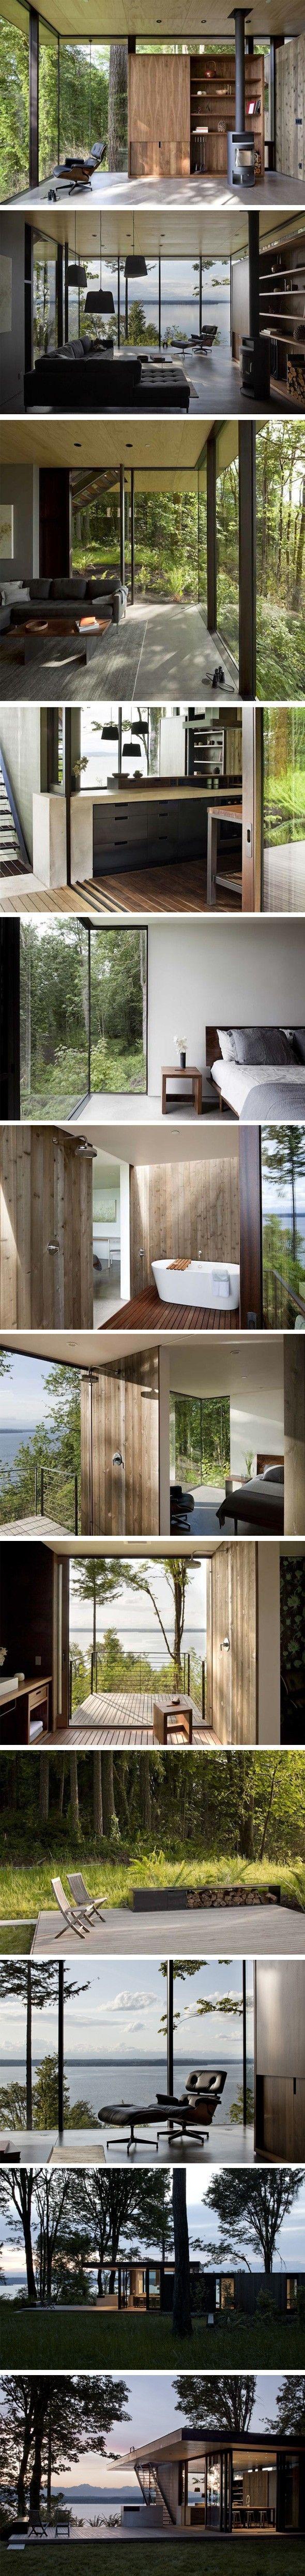 Baies vitrées piece principale - douche d'exterieur - fenêtre d'angle dans la chambre - acces toit depuis la terrasse - toit végétalisé